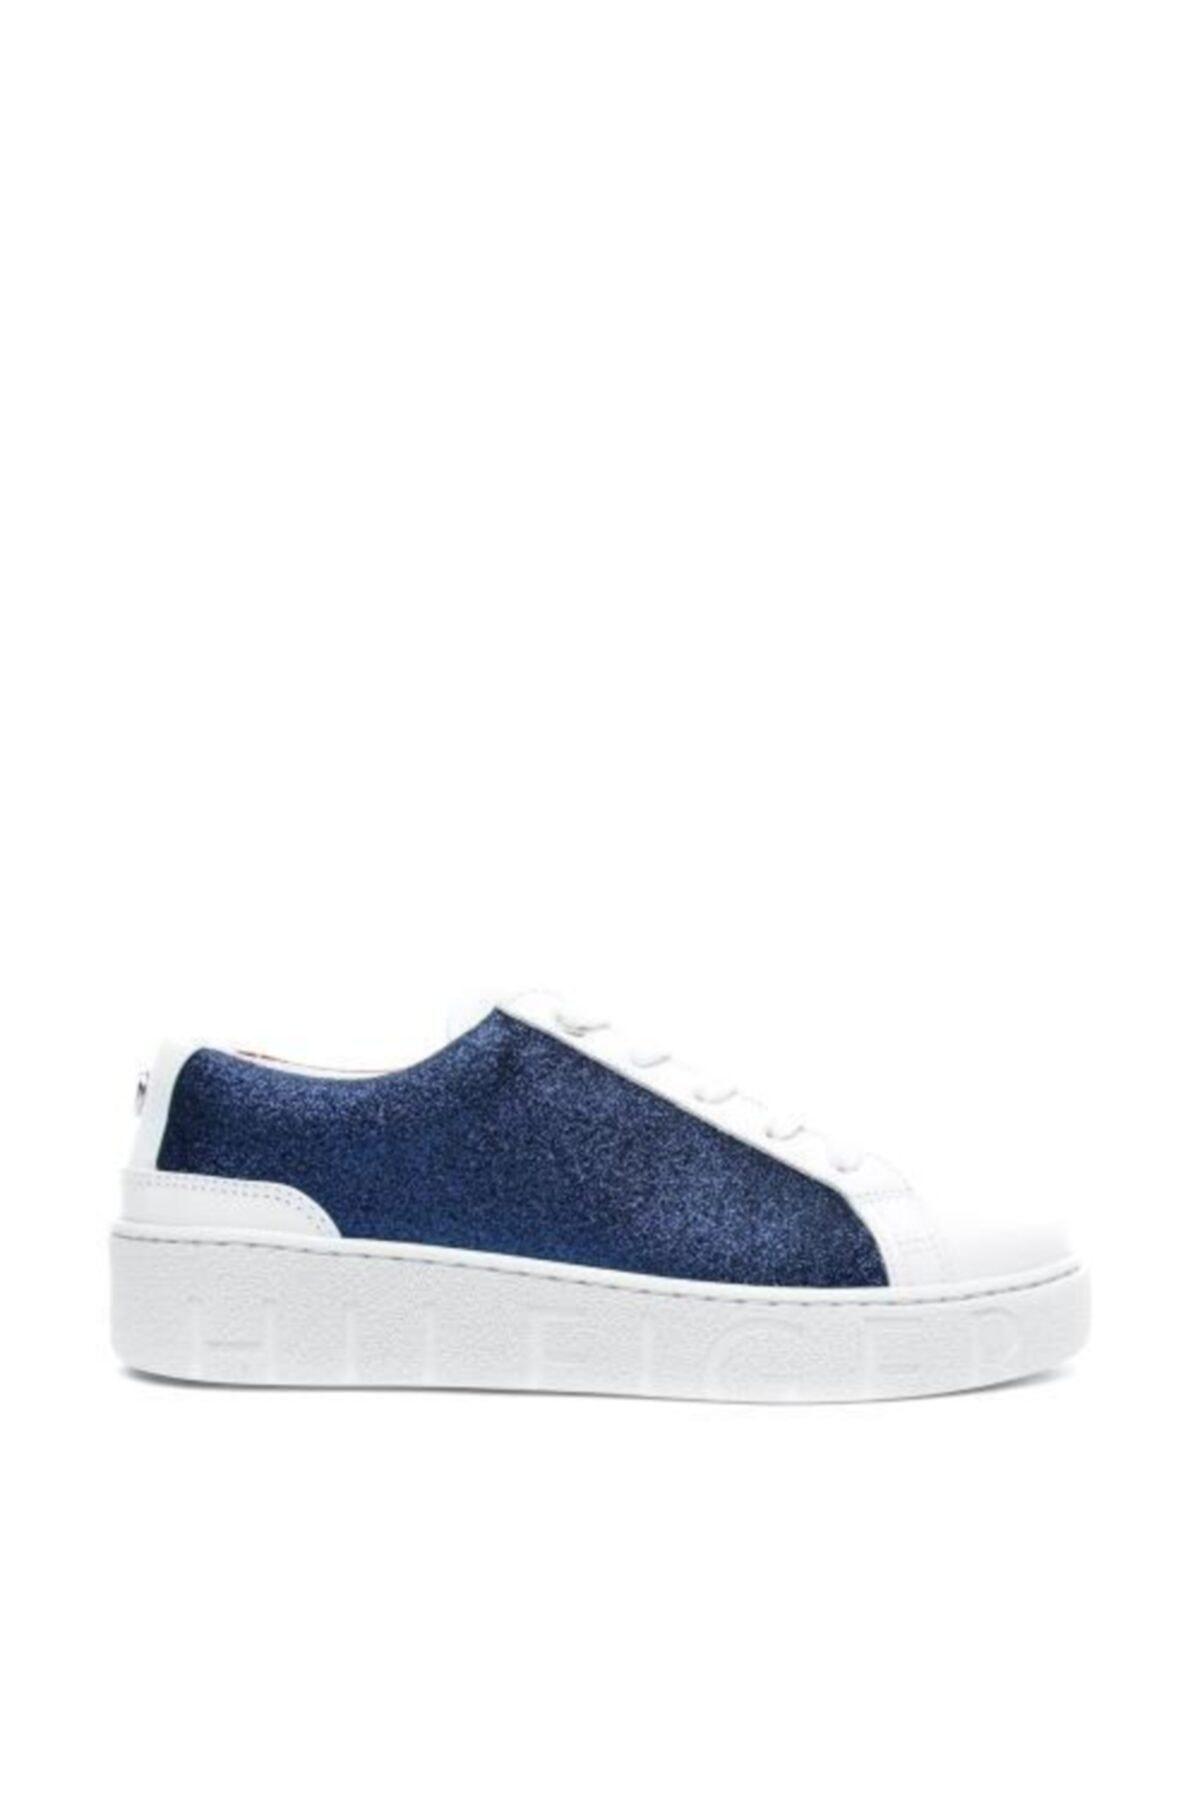 Tommy Hilfiger Kadın Mavi Bağcıklı Ayakkabı 1